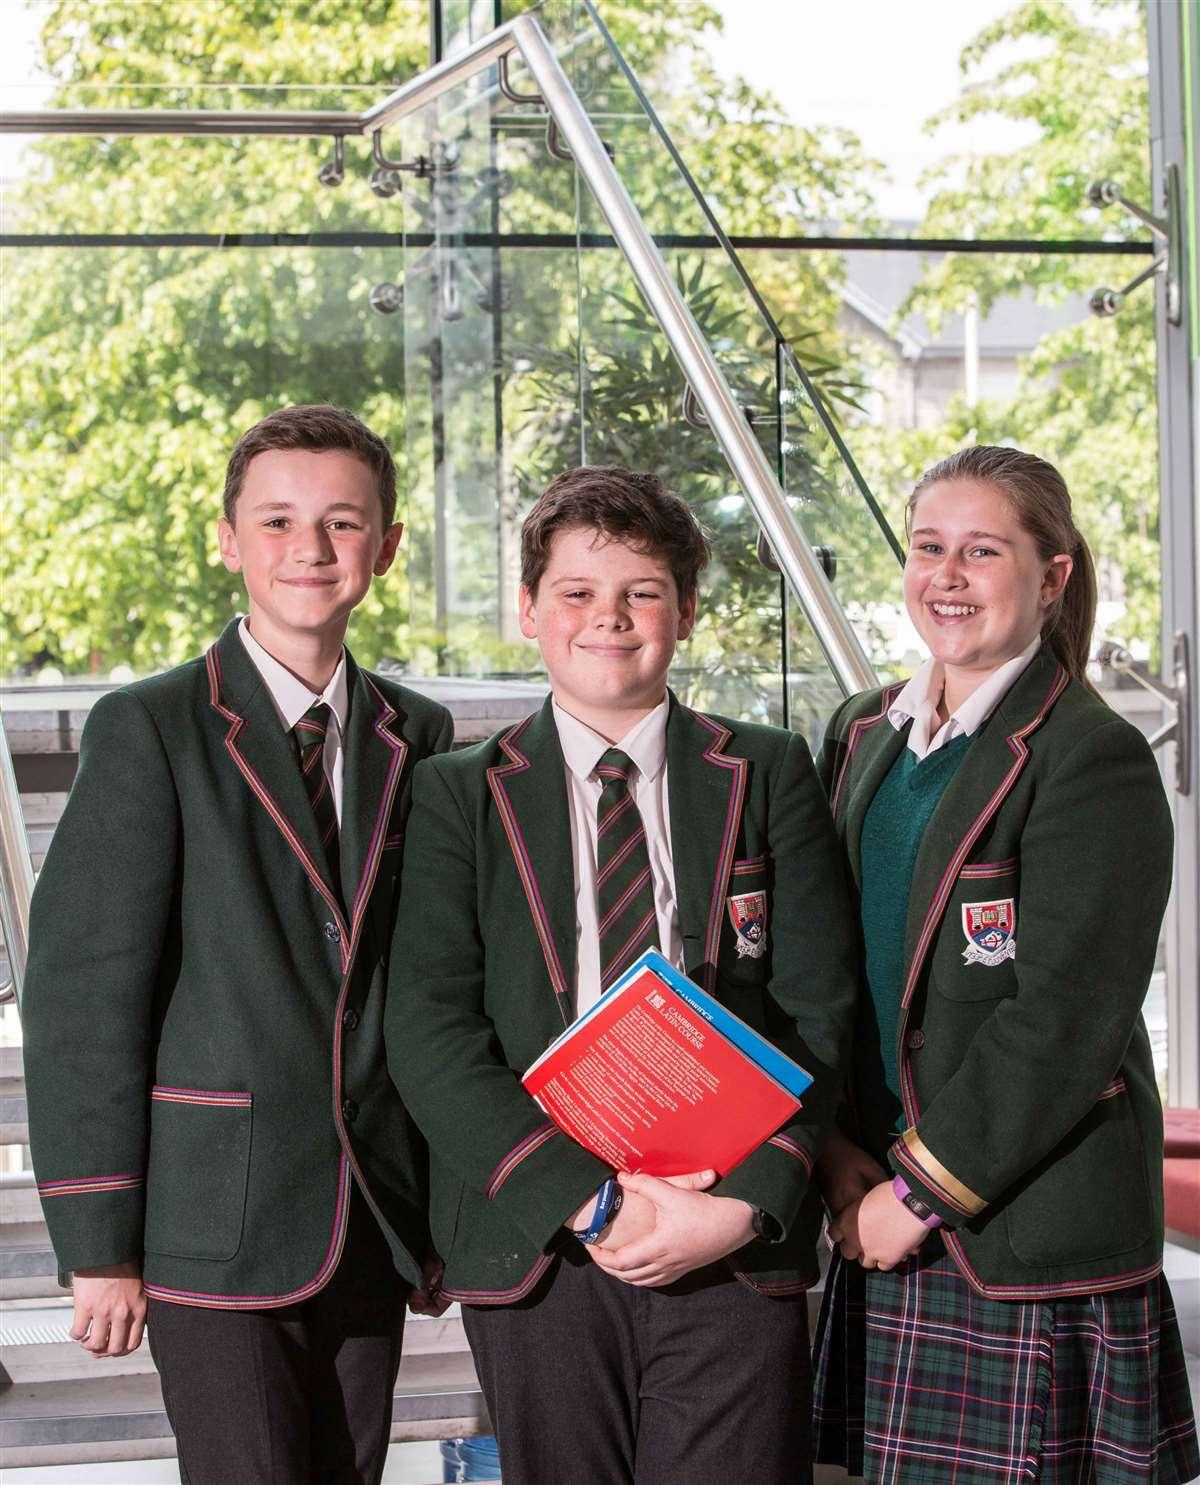 英国留学苏格兰阿尔宾私立学校古典文明与拉丁语